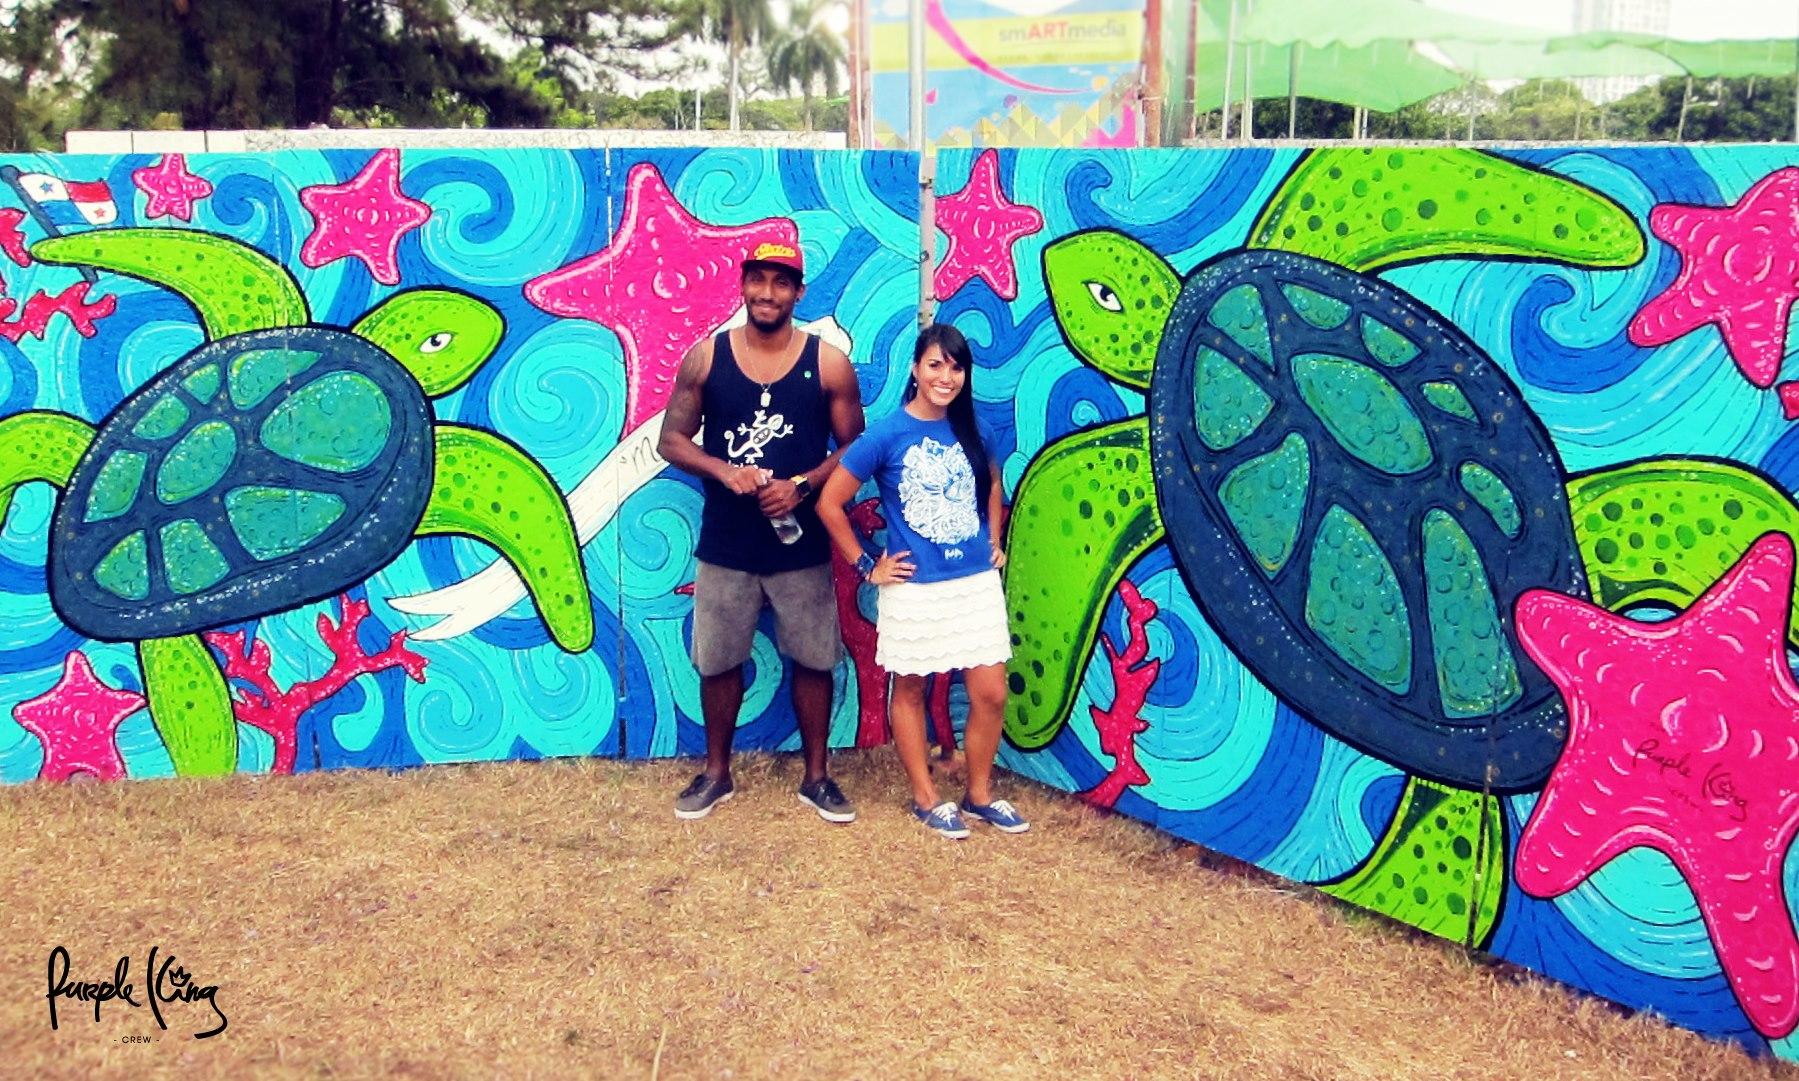 616 Purple King Crew es Festival Abierto 2013 / Purple King Crew is Abierto Fest 2013